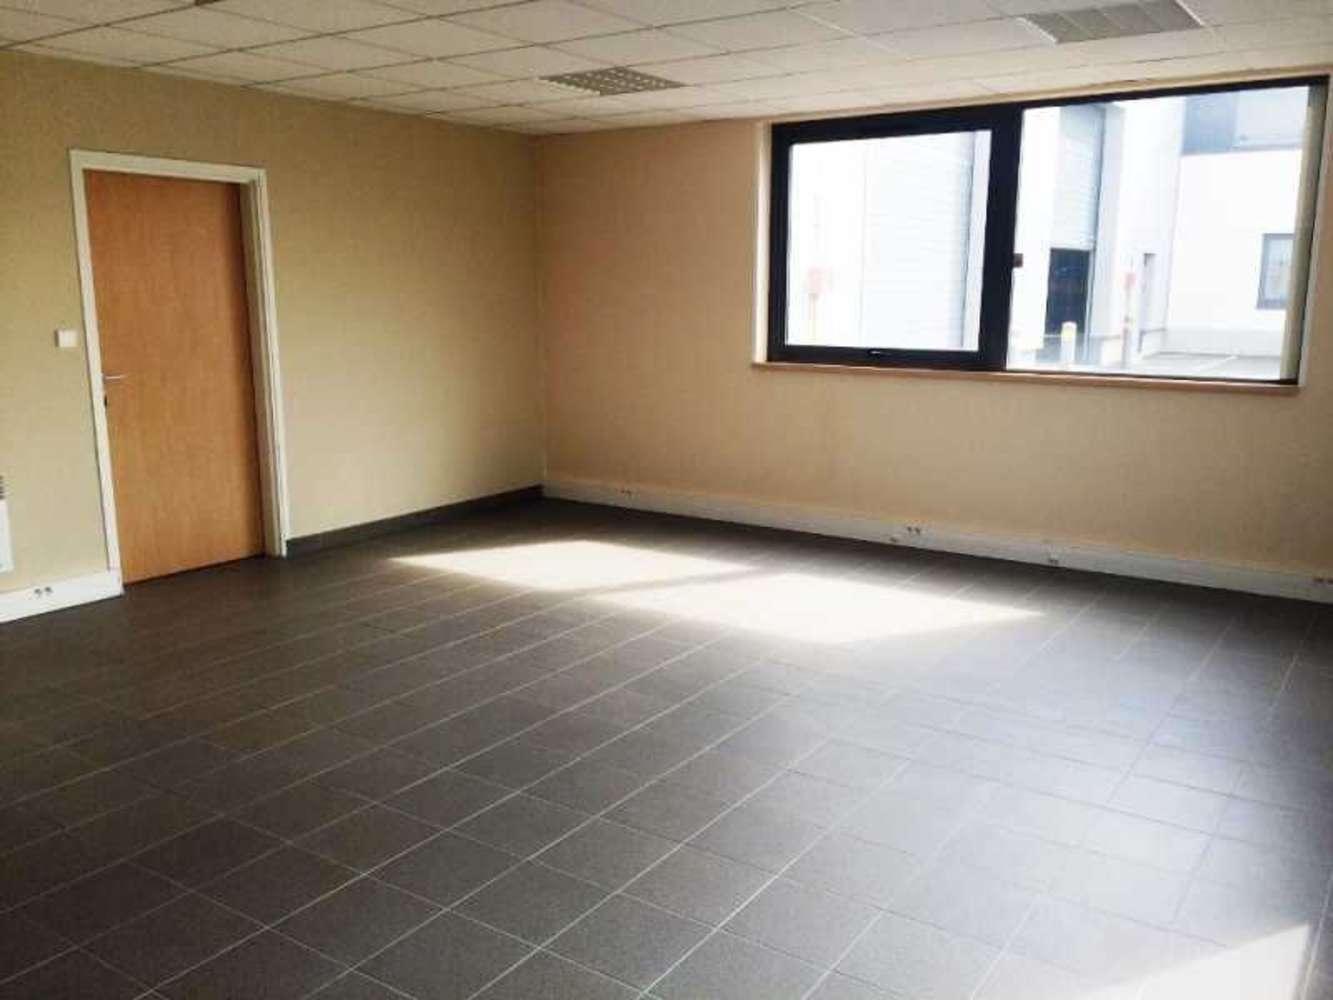 Activités/entrepôt Goussainville, 95190 - PARC ACTILO - 9474045